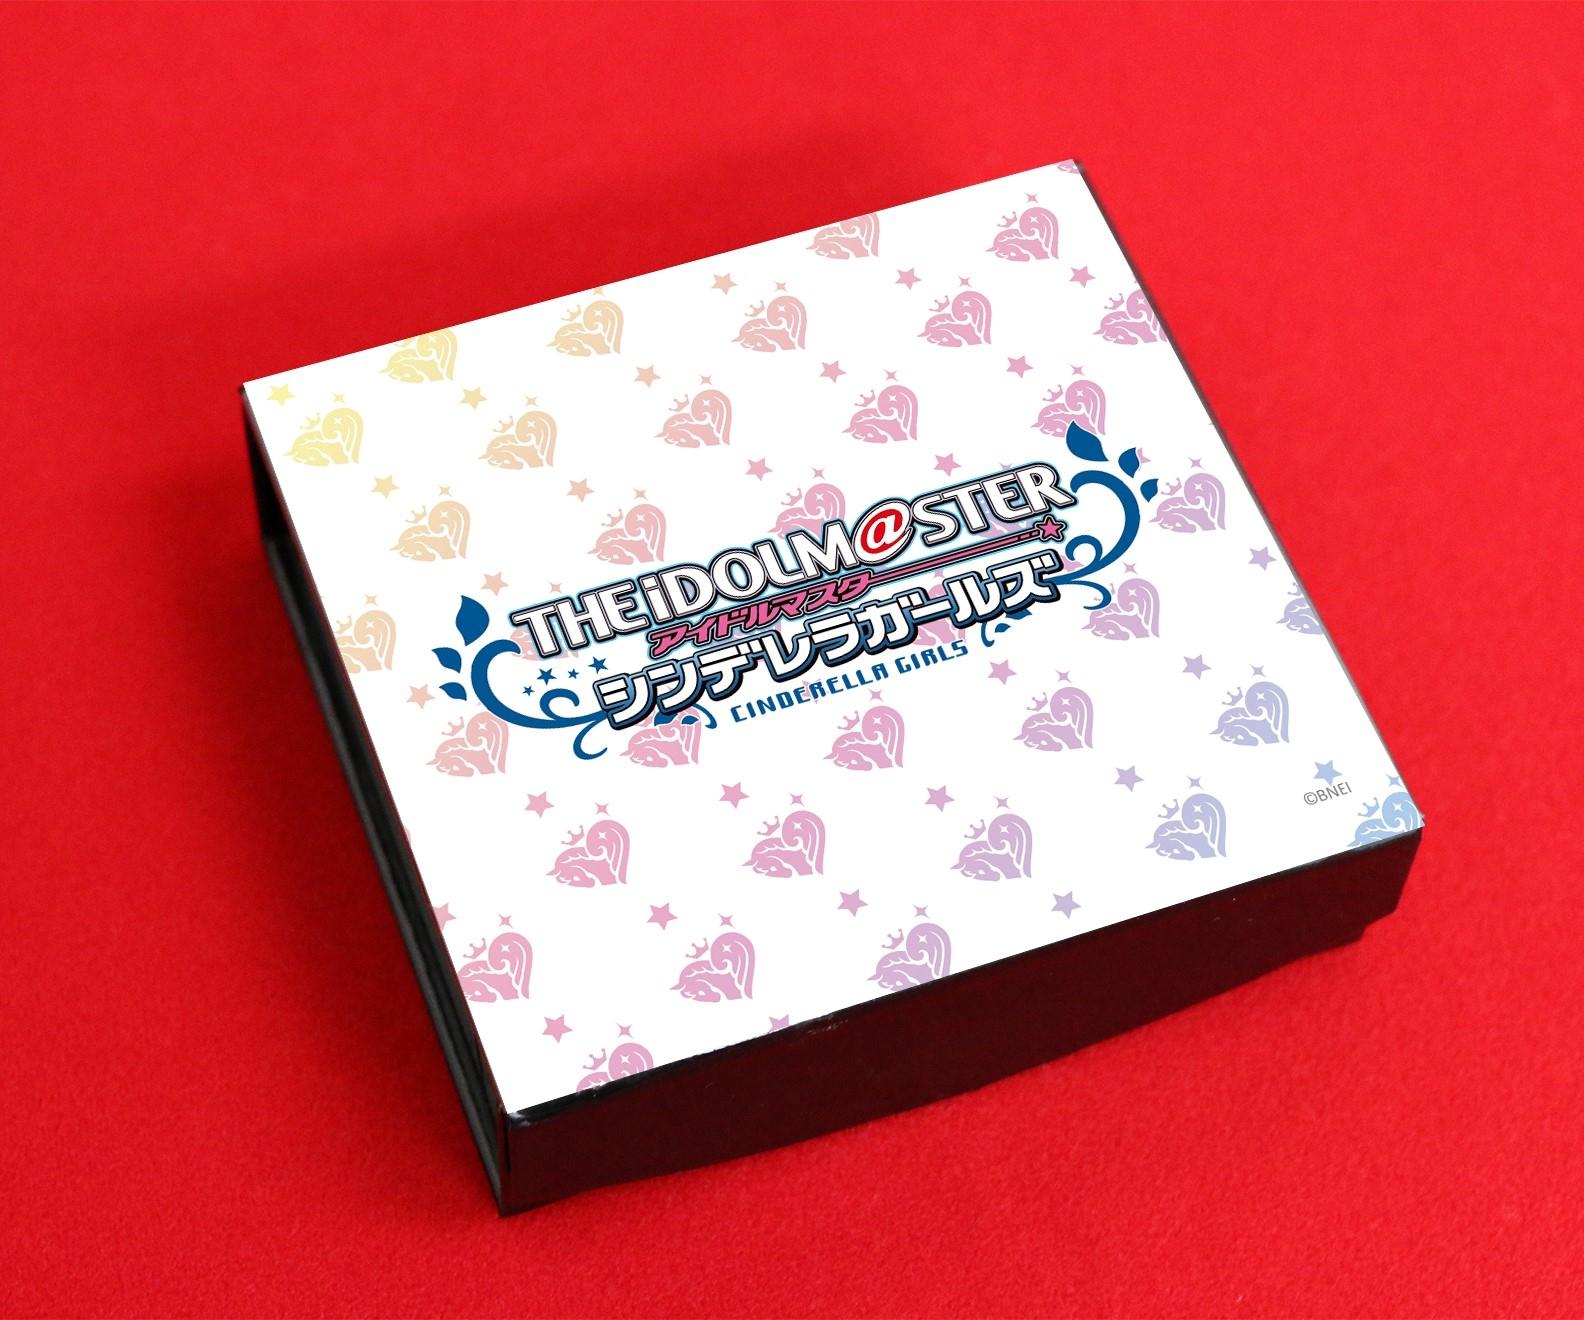 銀行印としても使えるゲーム『アイドルマスター シンデレラガールズ』の痛印第5弾が完全受注生産で発売決定! 乙倉悠貴、速水奏、堀裕子ら、新たに25人のアイドル達が痛印に仲間入り!